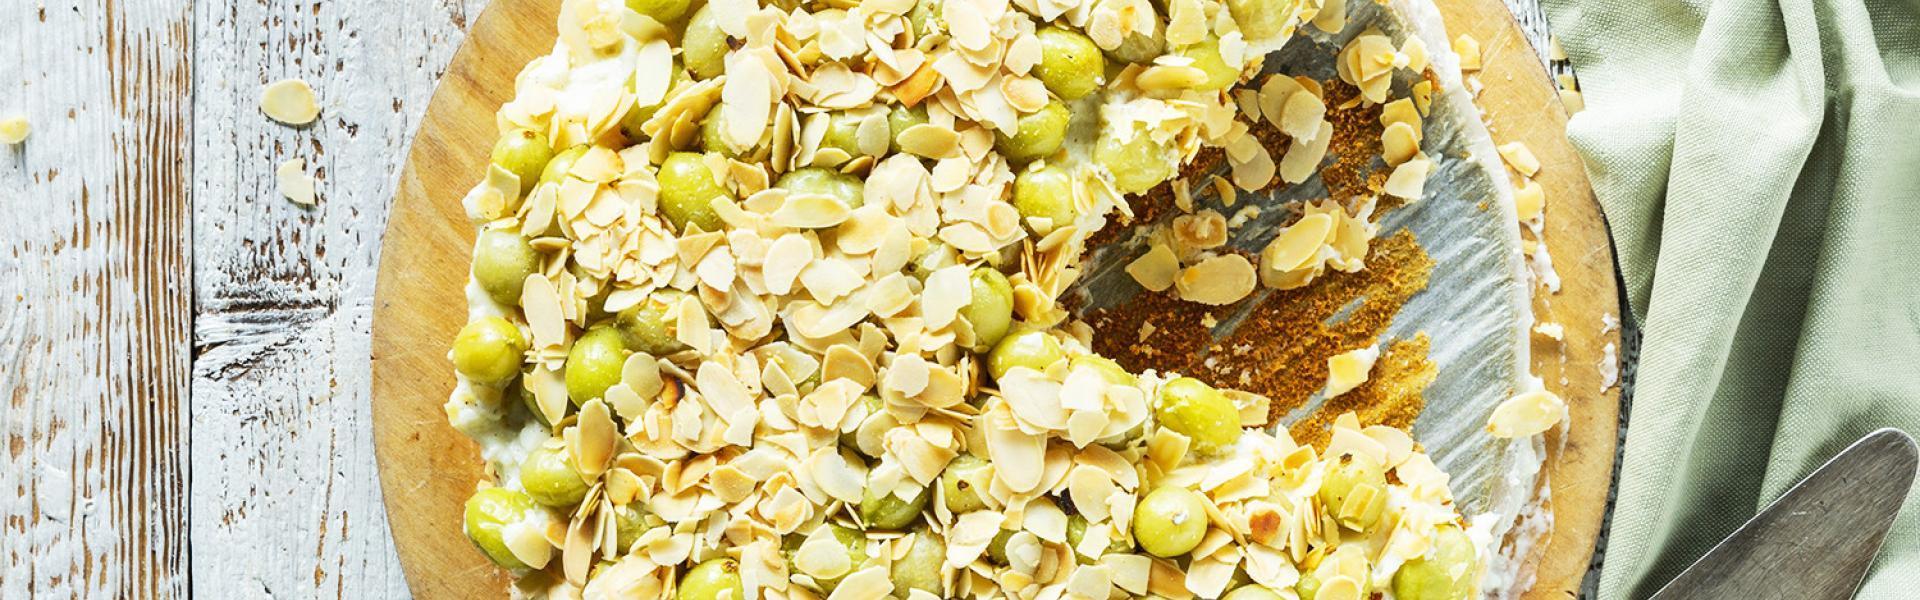 Stachelbeerkuchen mit Pudding und Mandeln angeschnitten auf einer Kuchenplatte mit angelegtem Tortenheber.